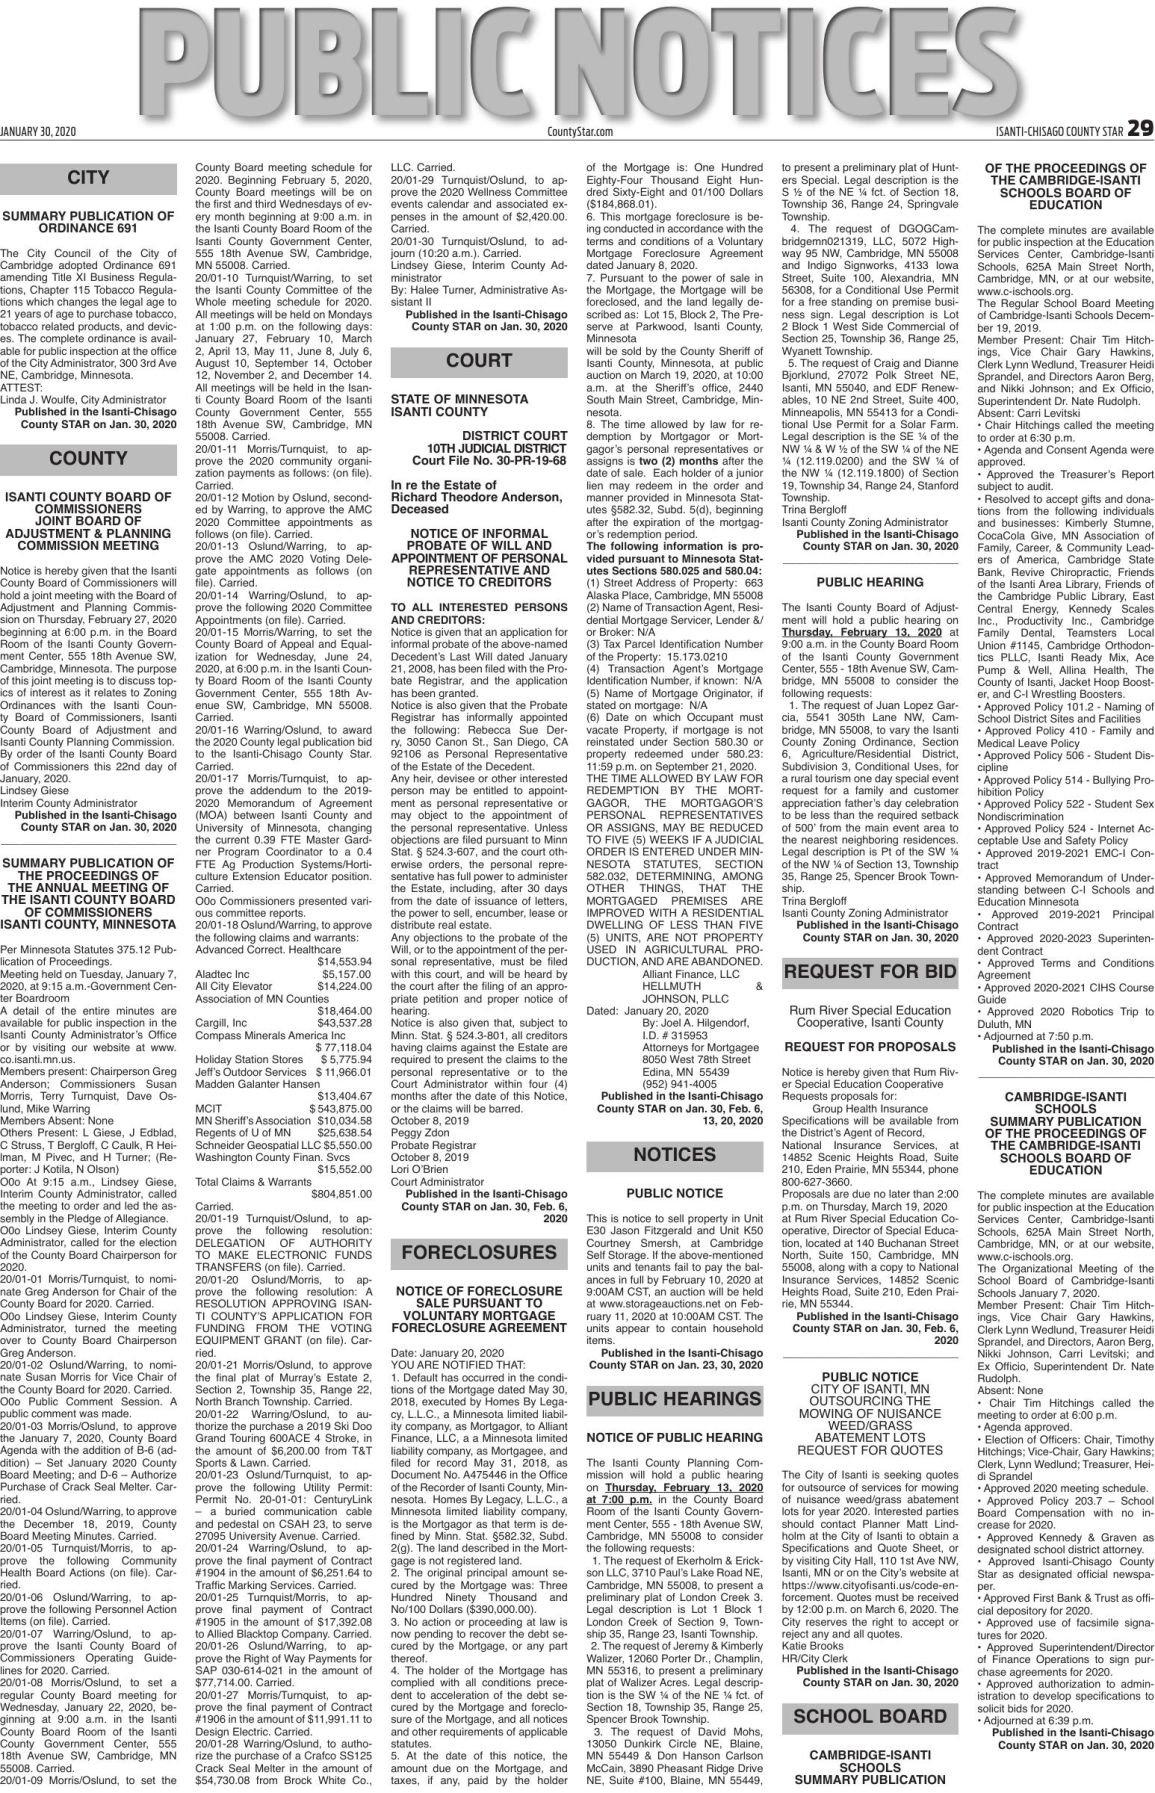 Public Notices - Jan. 30, 2020